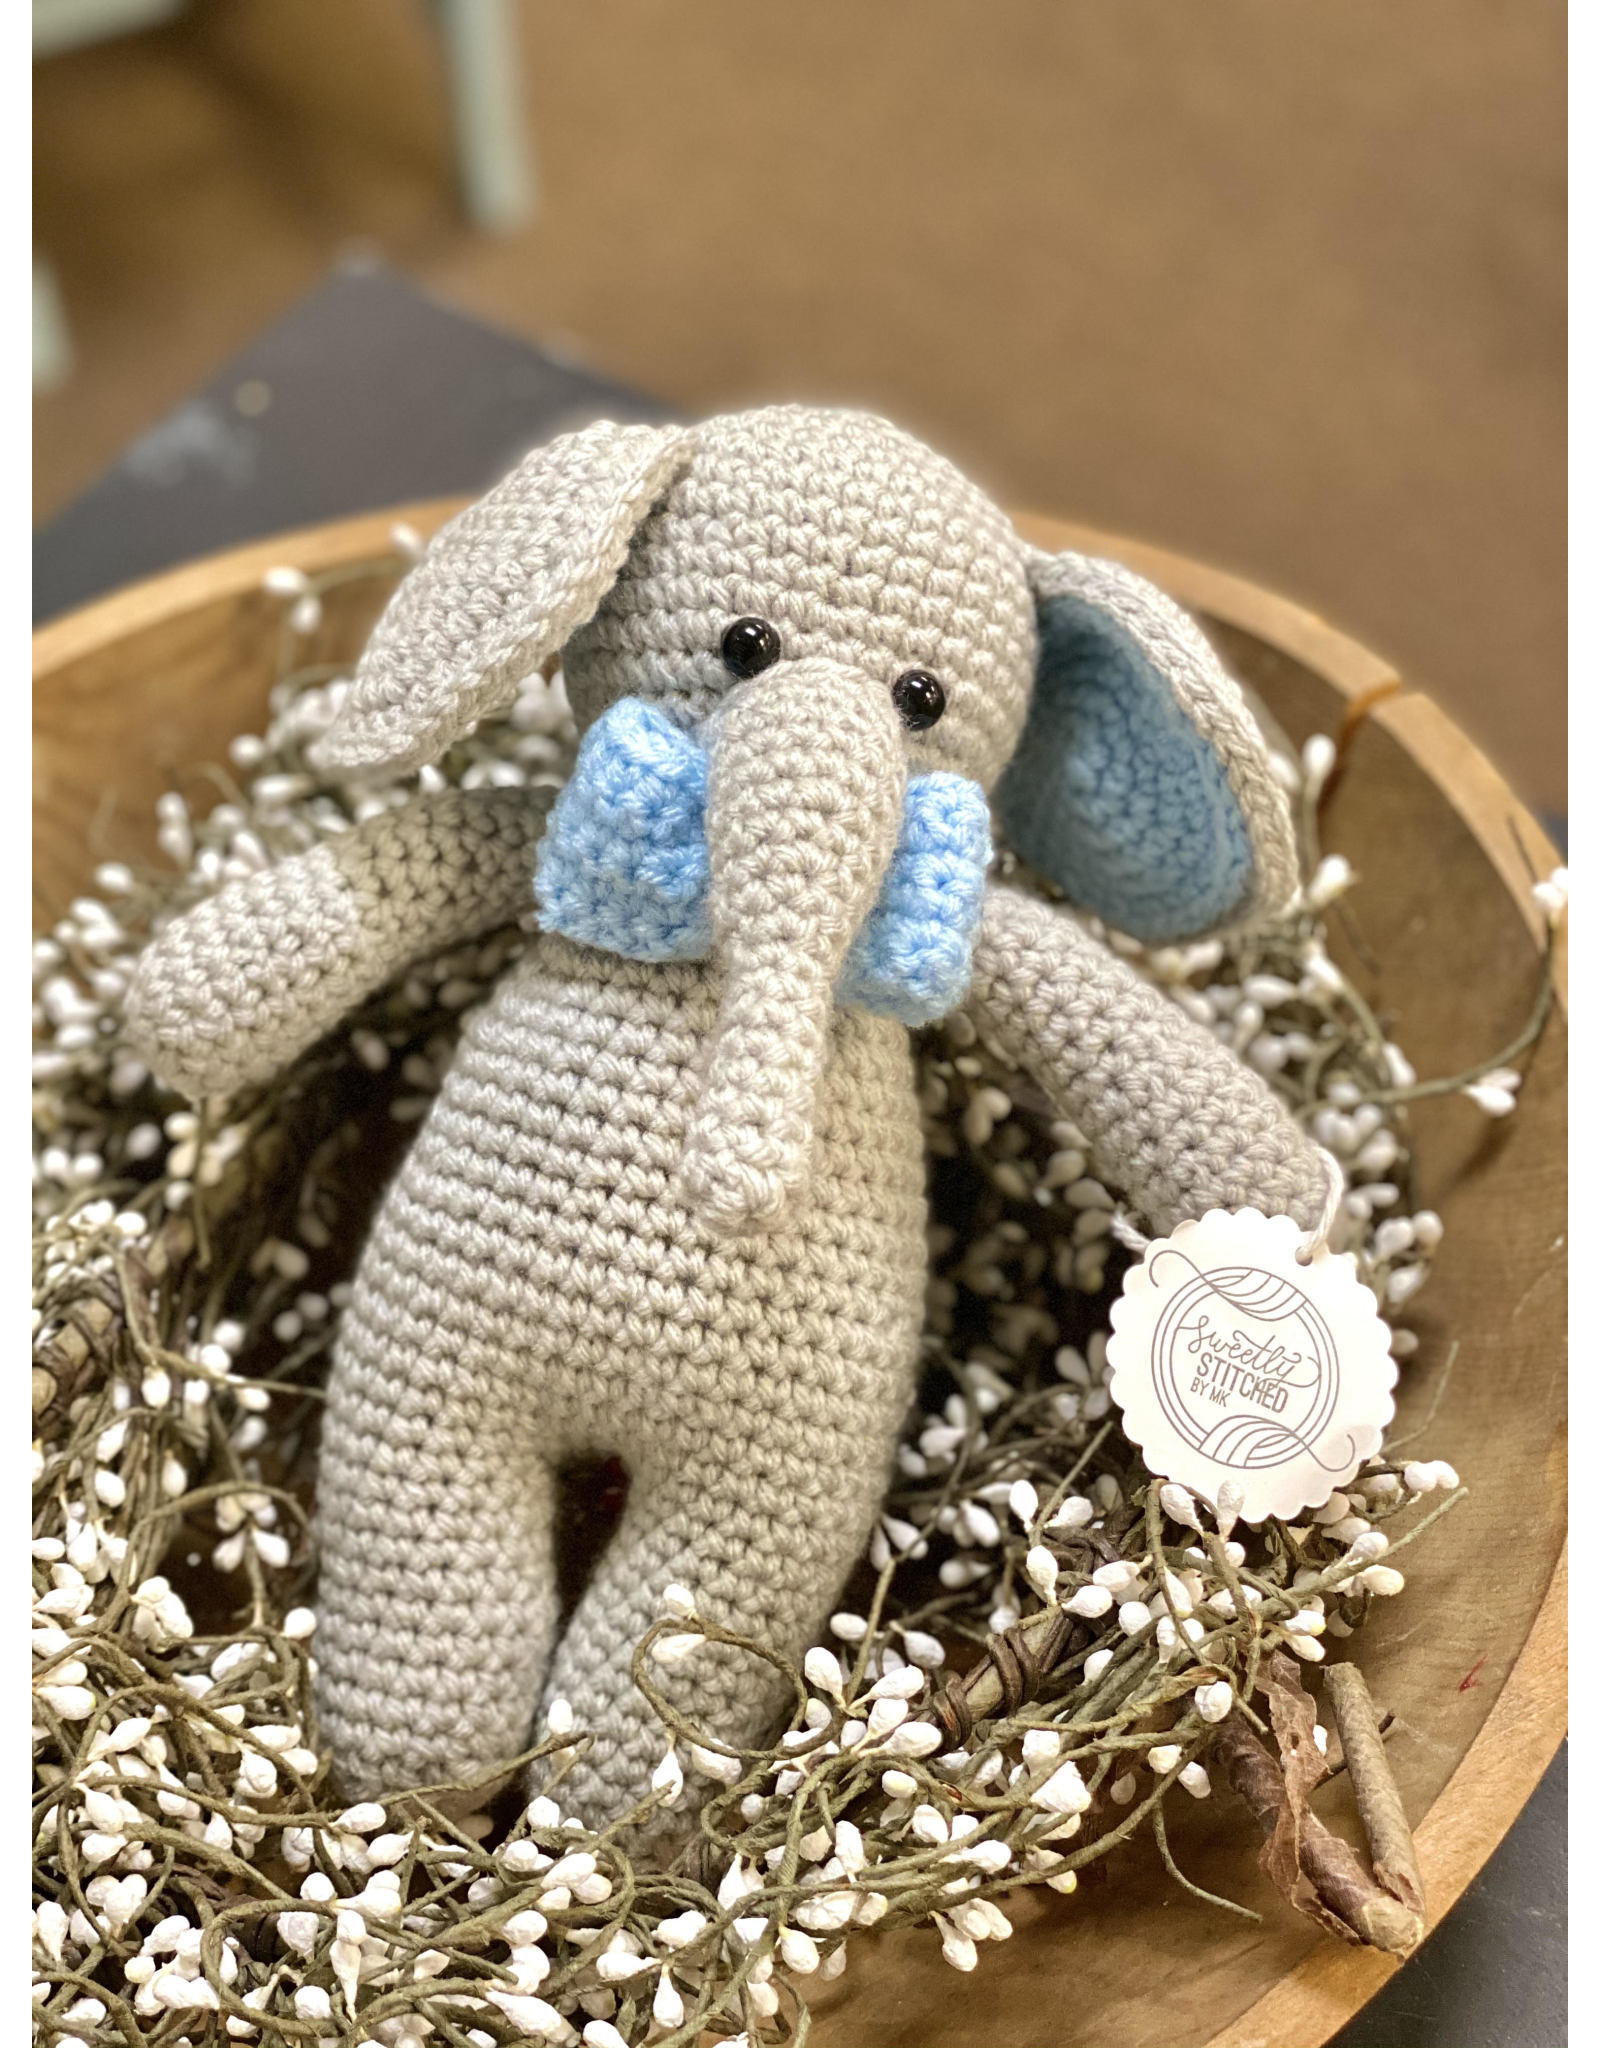 Sweetly Stitched Elephant